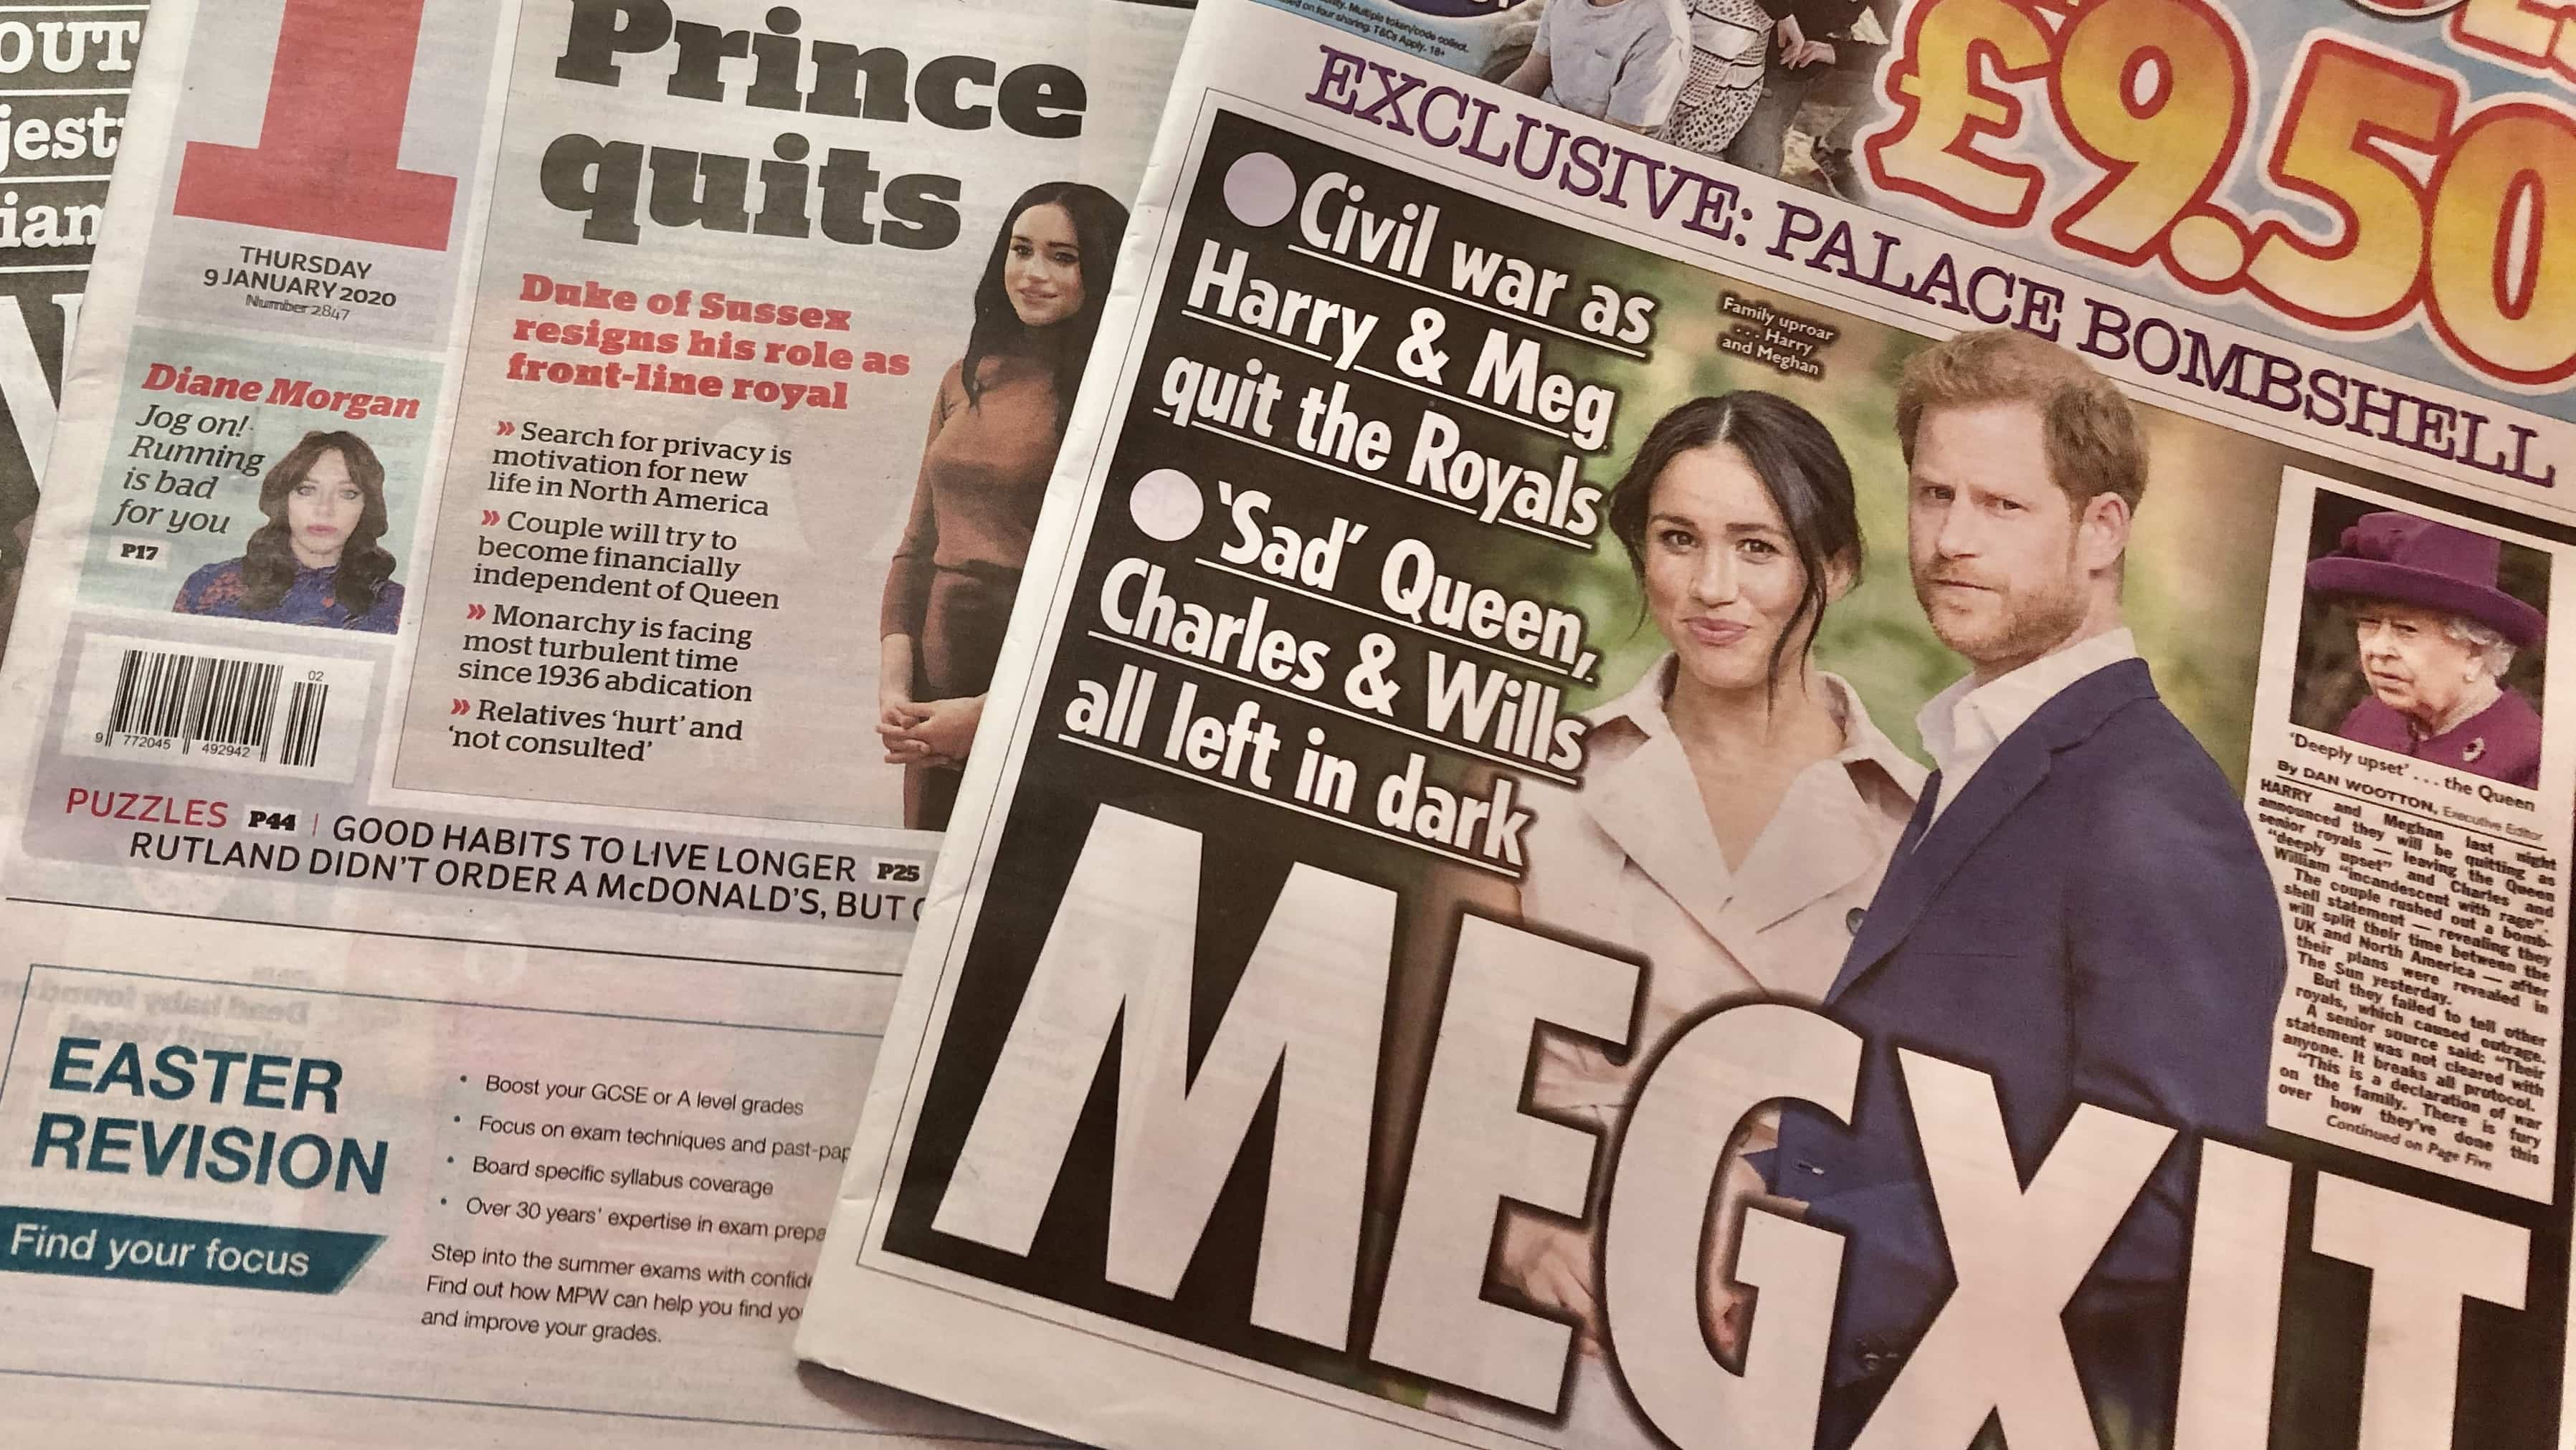 ヘンリー 王子 なぜ 離脱